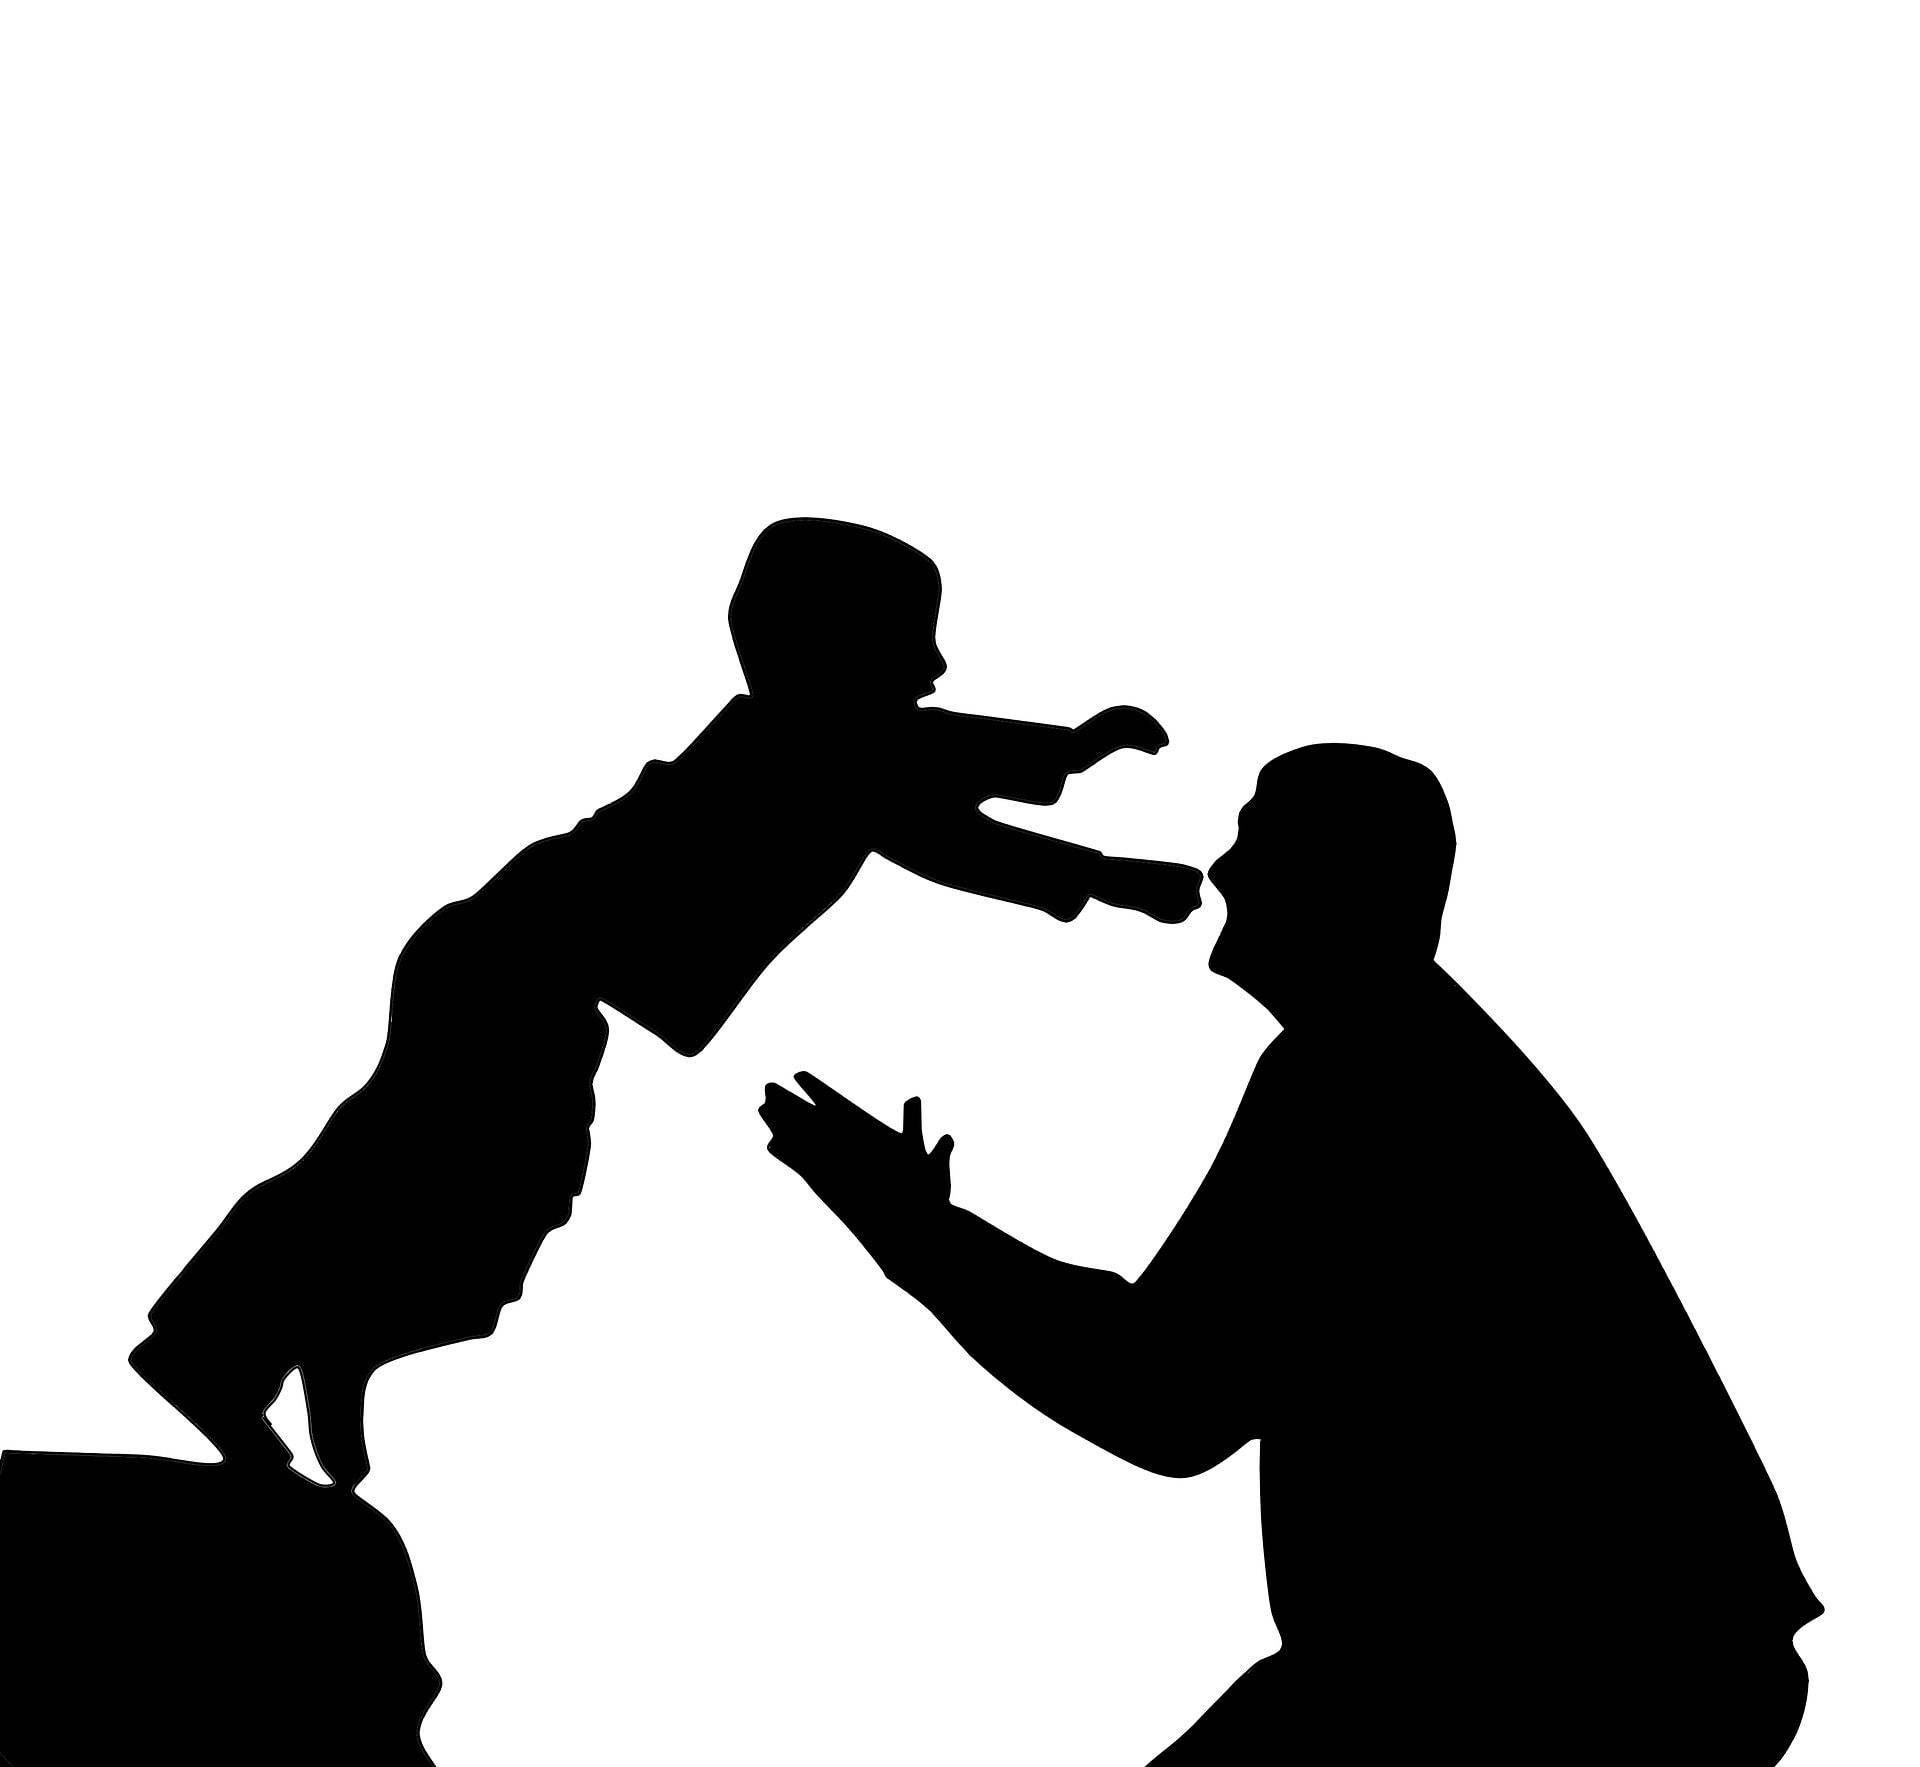 Le père, le fils et le subjonctif